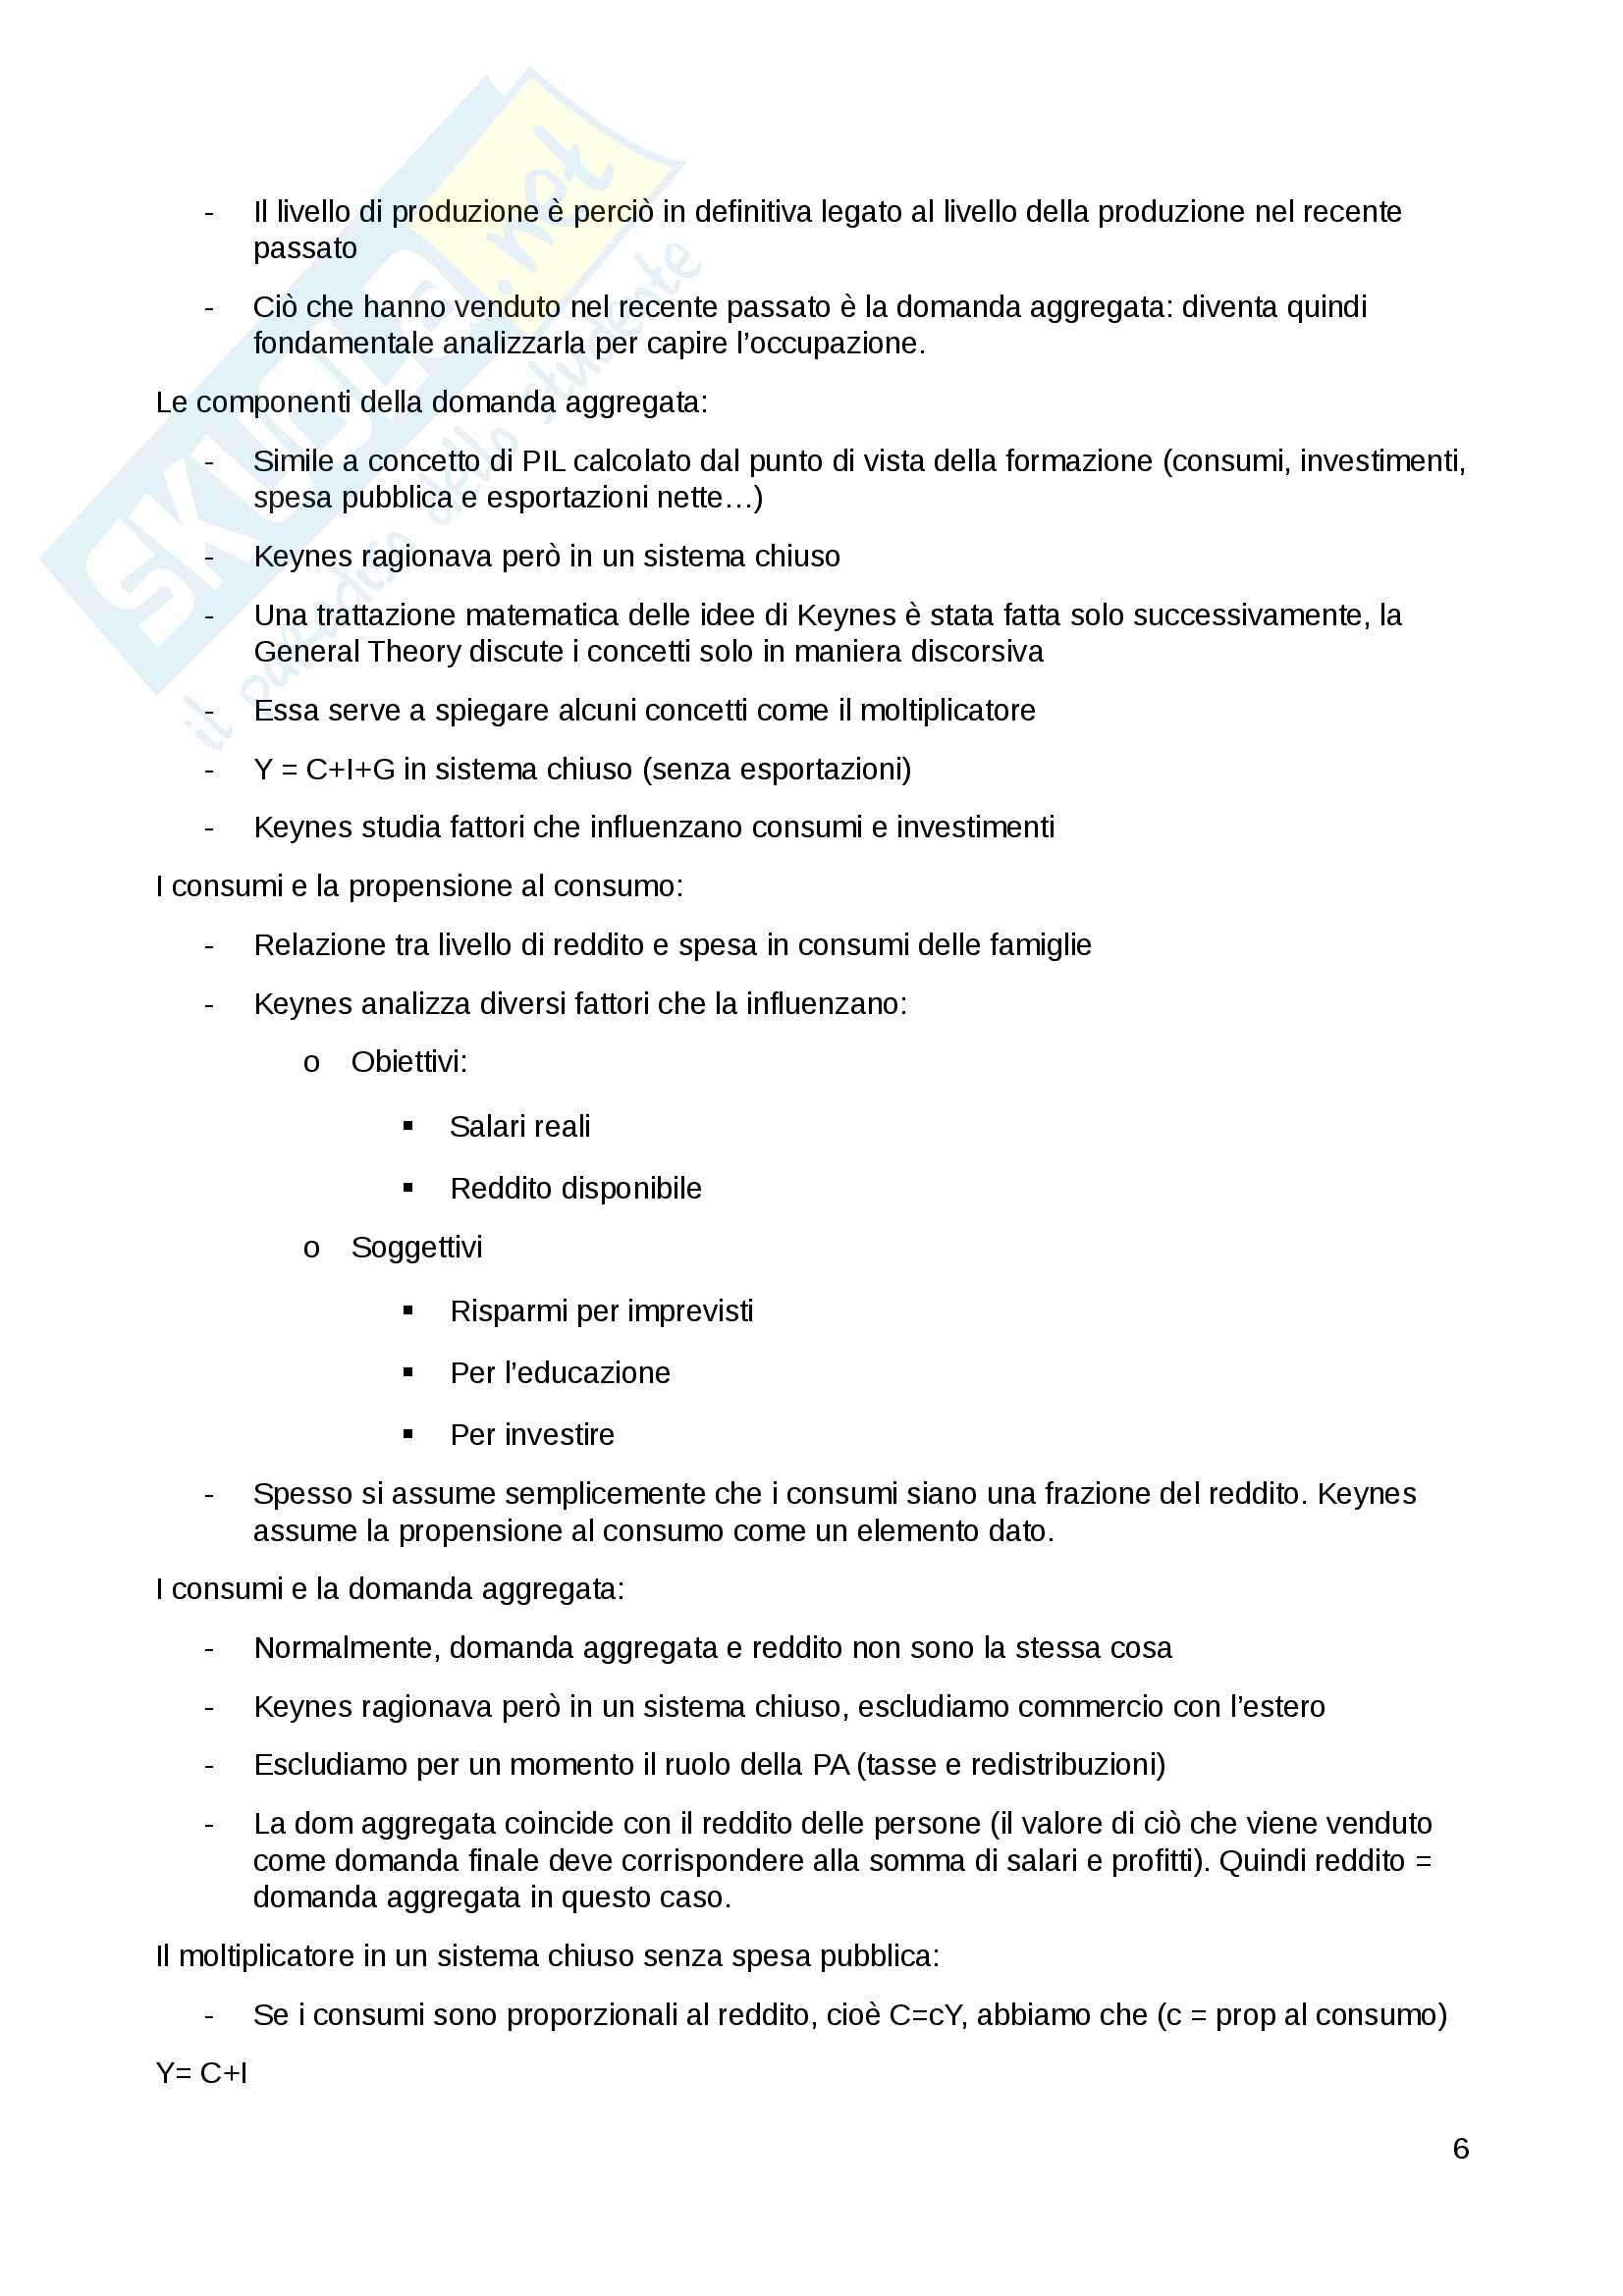 Appunti esercitazioni politica economica internazionale Pag. 6